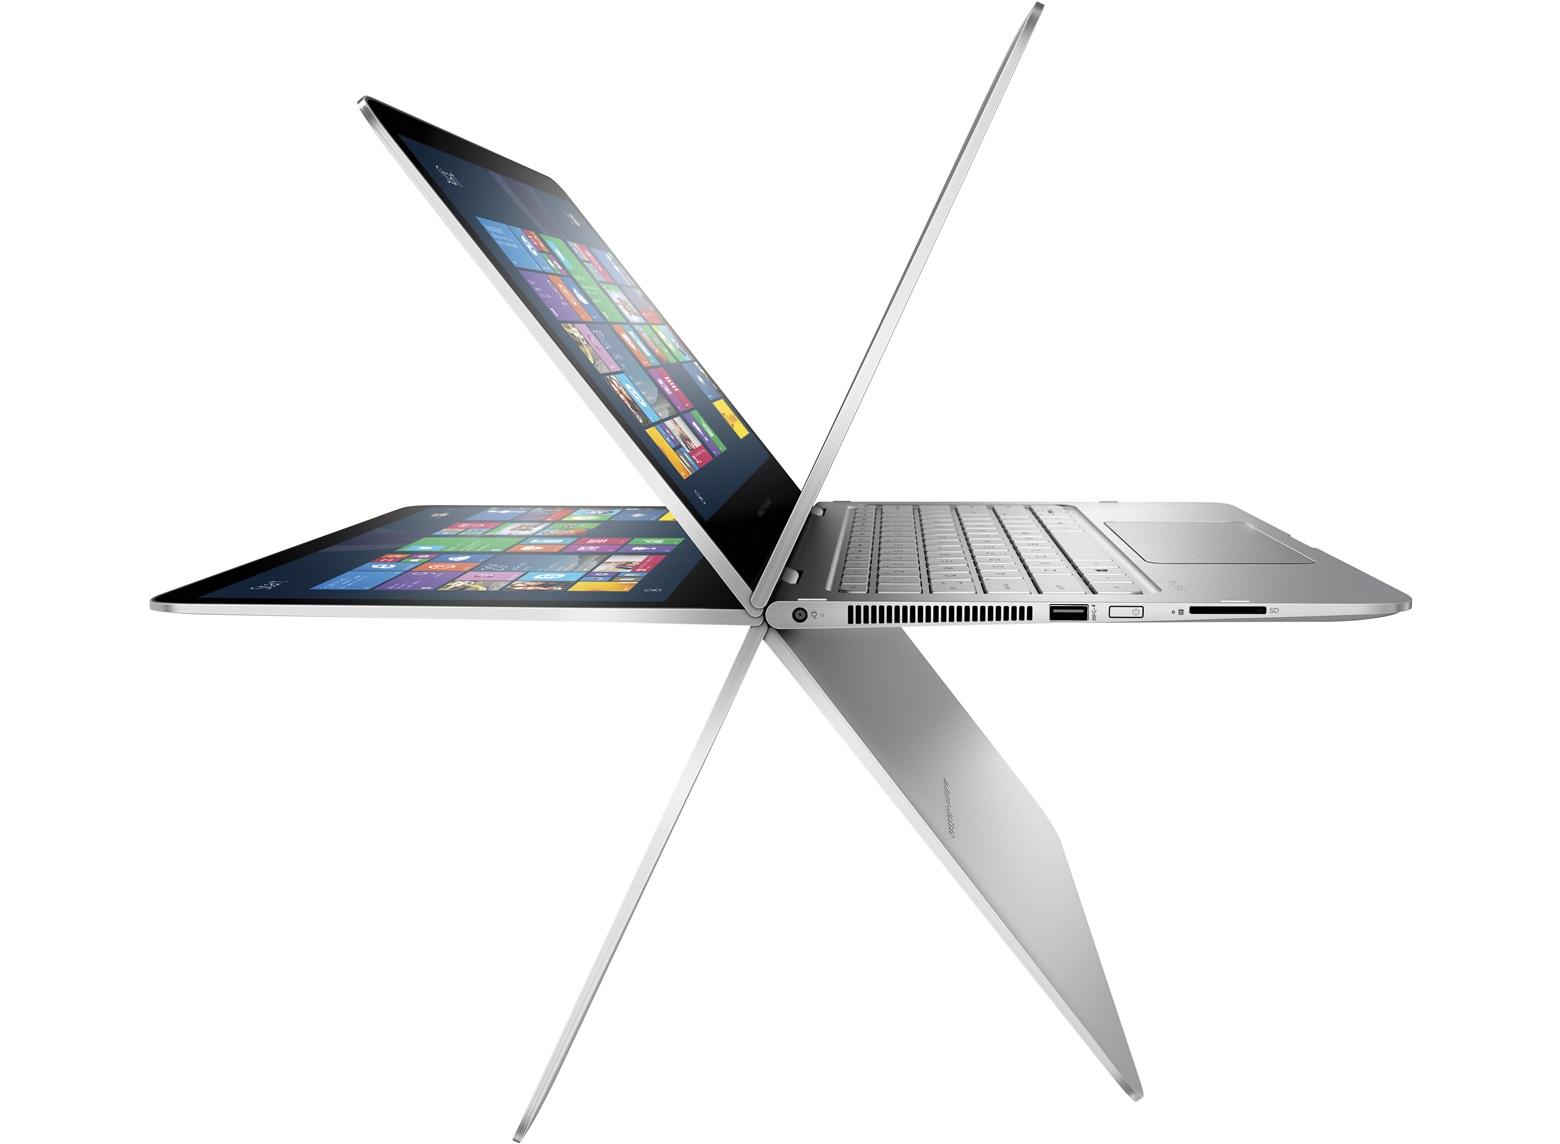 La flessibilità dello schermo del nuovo HP Spectre x360